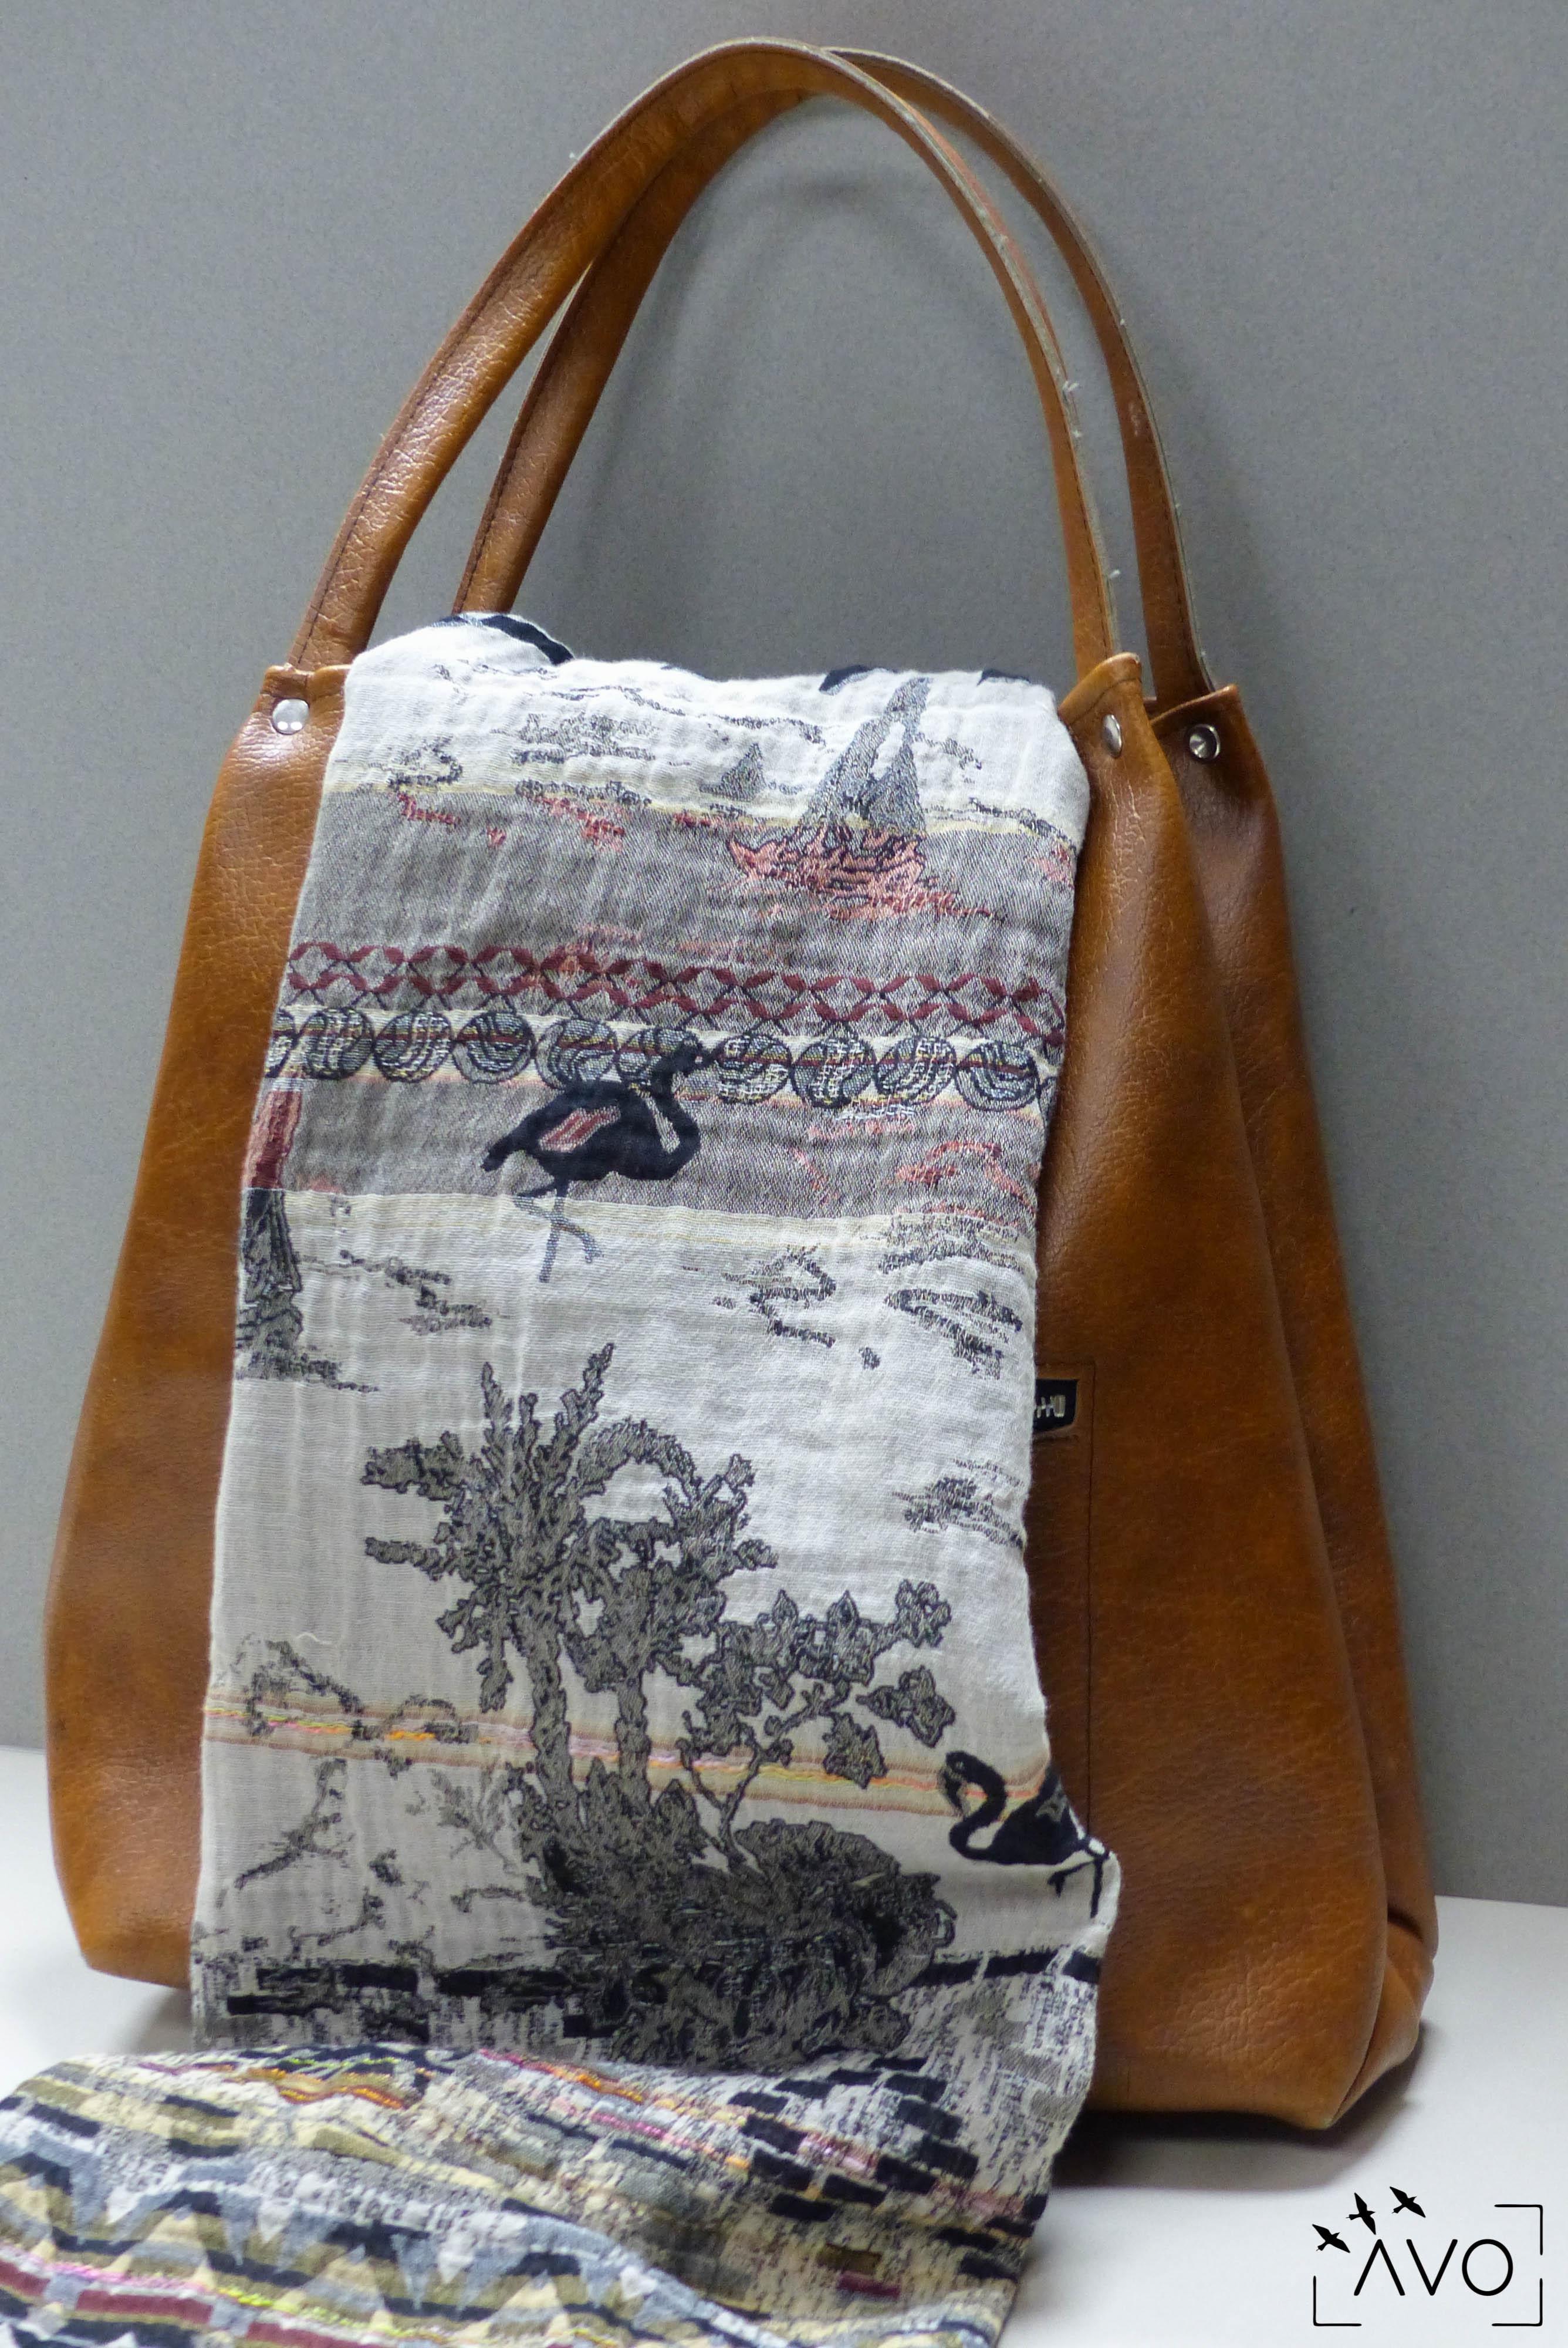 étole Létol foulard madeinfrance charlieu loire motif fleur géométrique flamand moderne sac